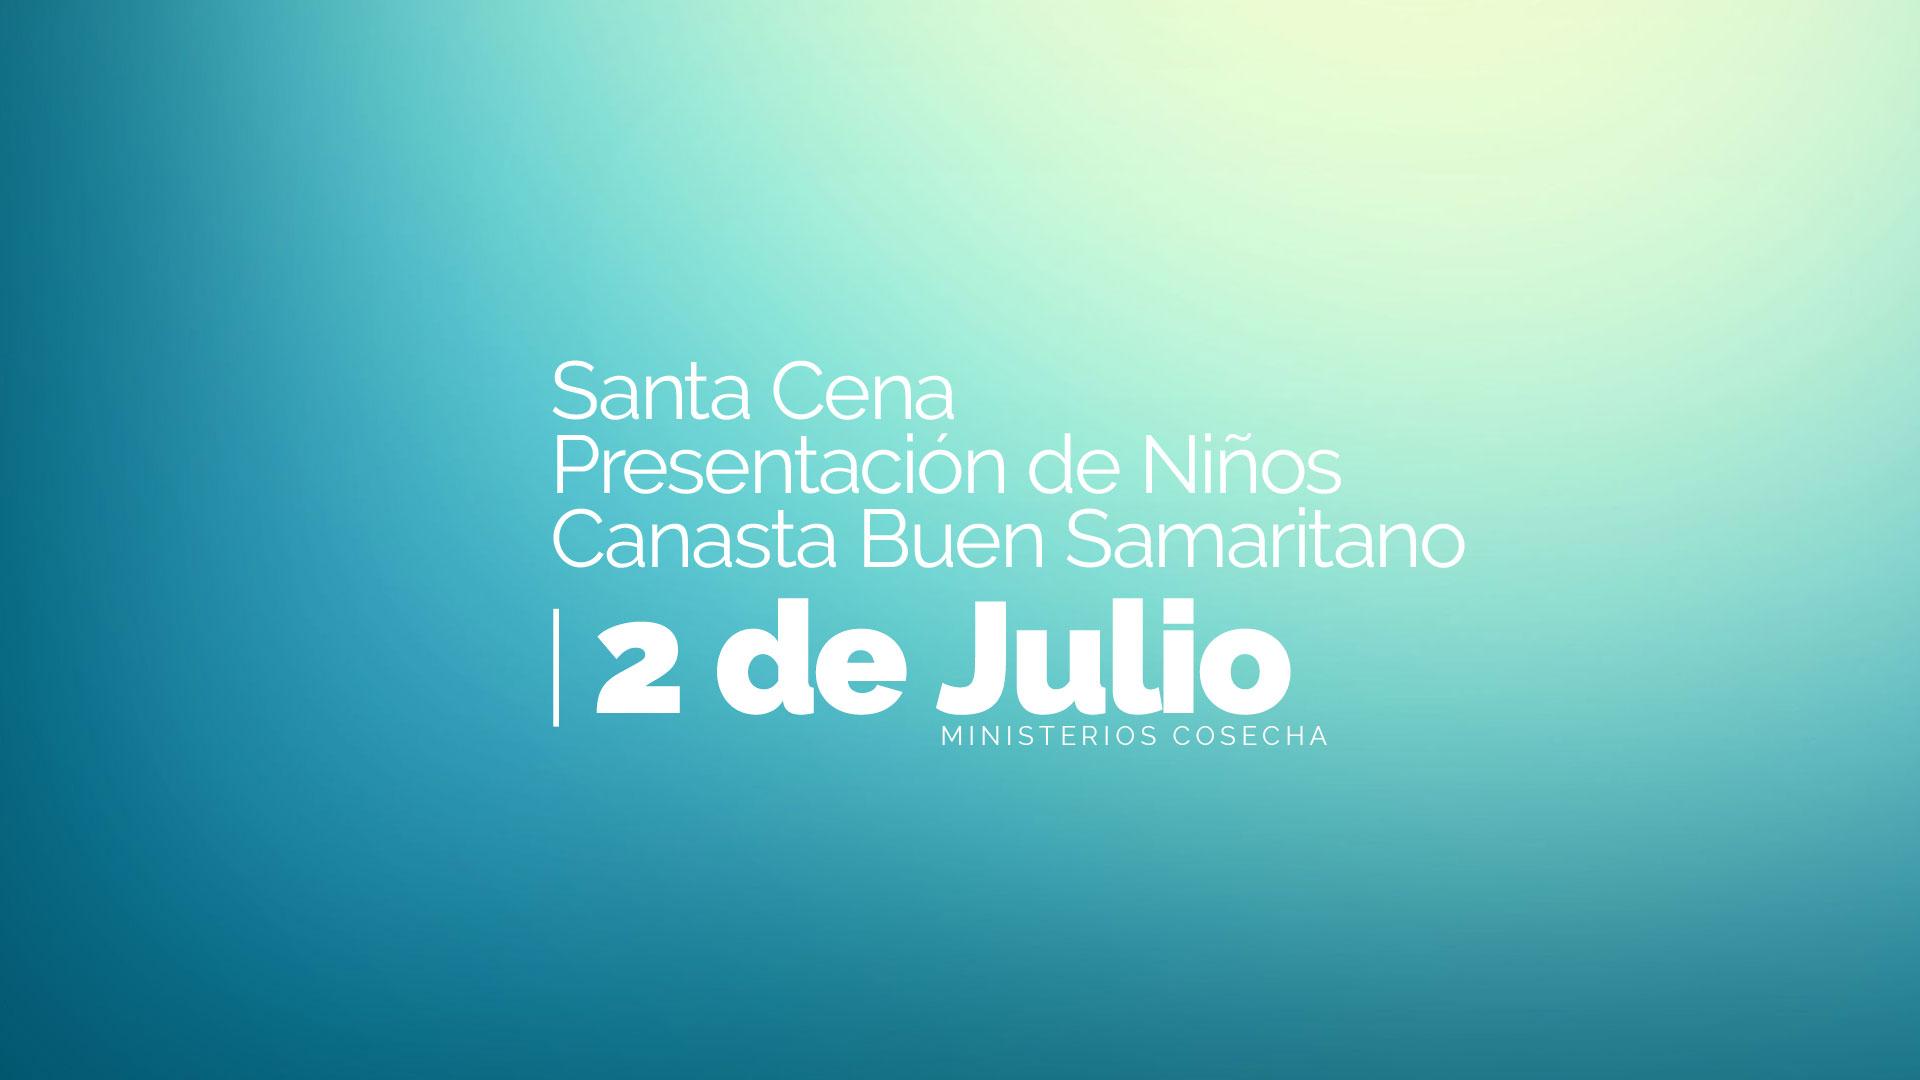 Santa Cena Ministerios Cosecha